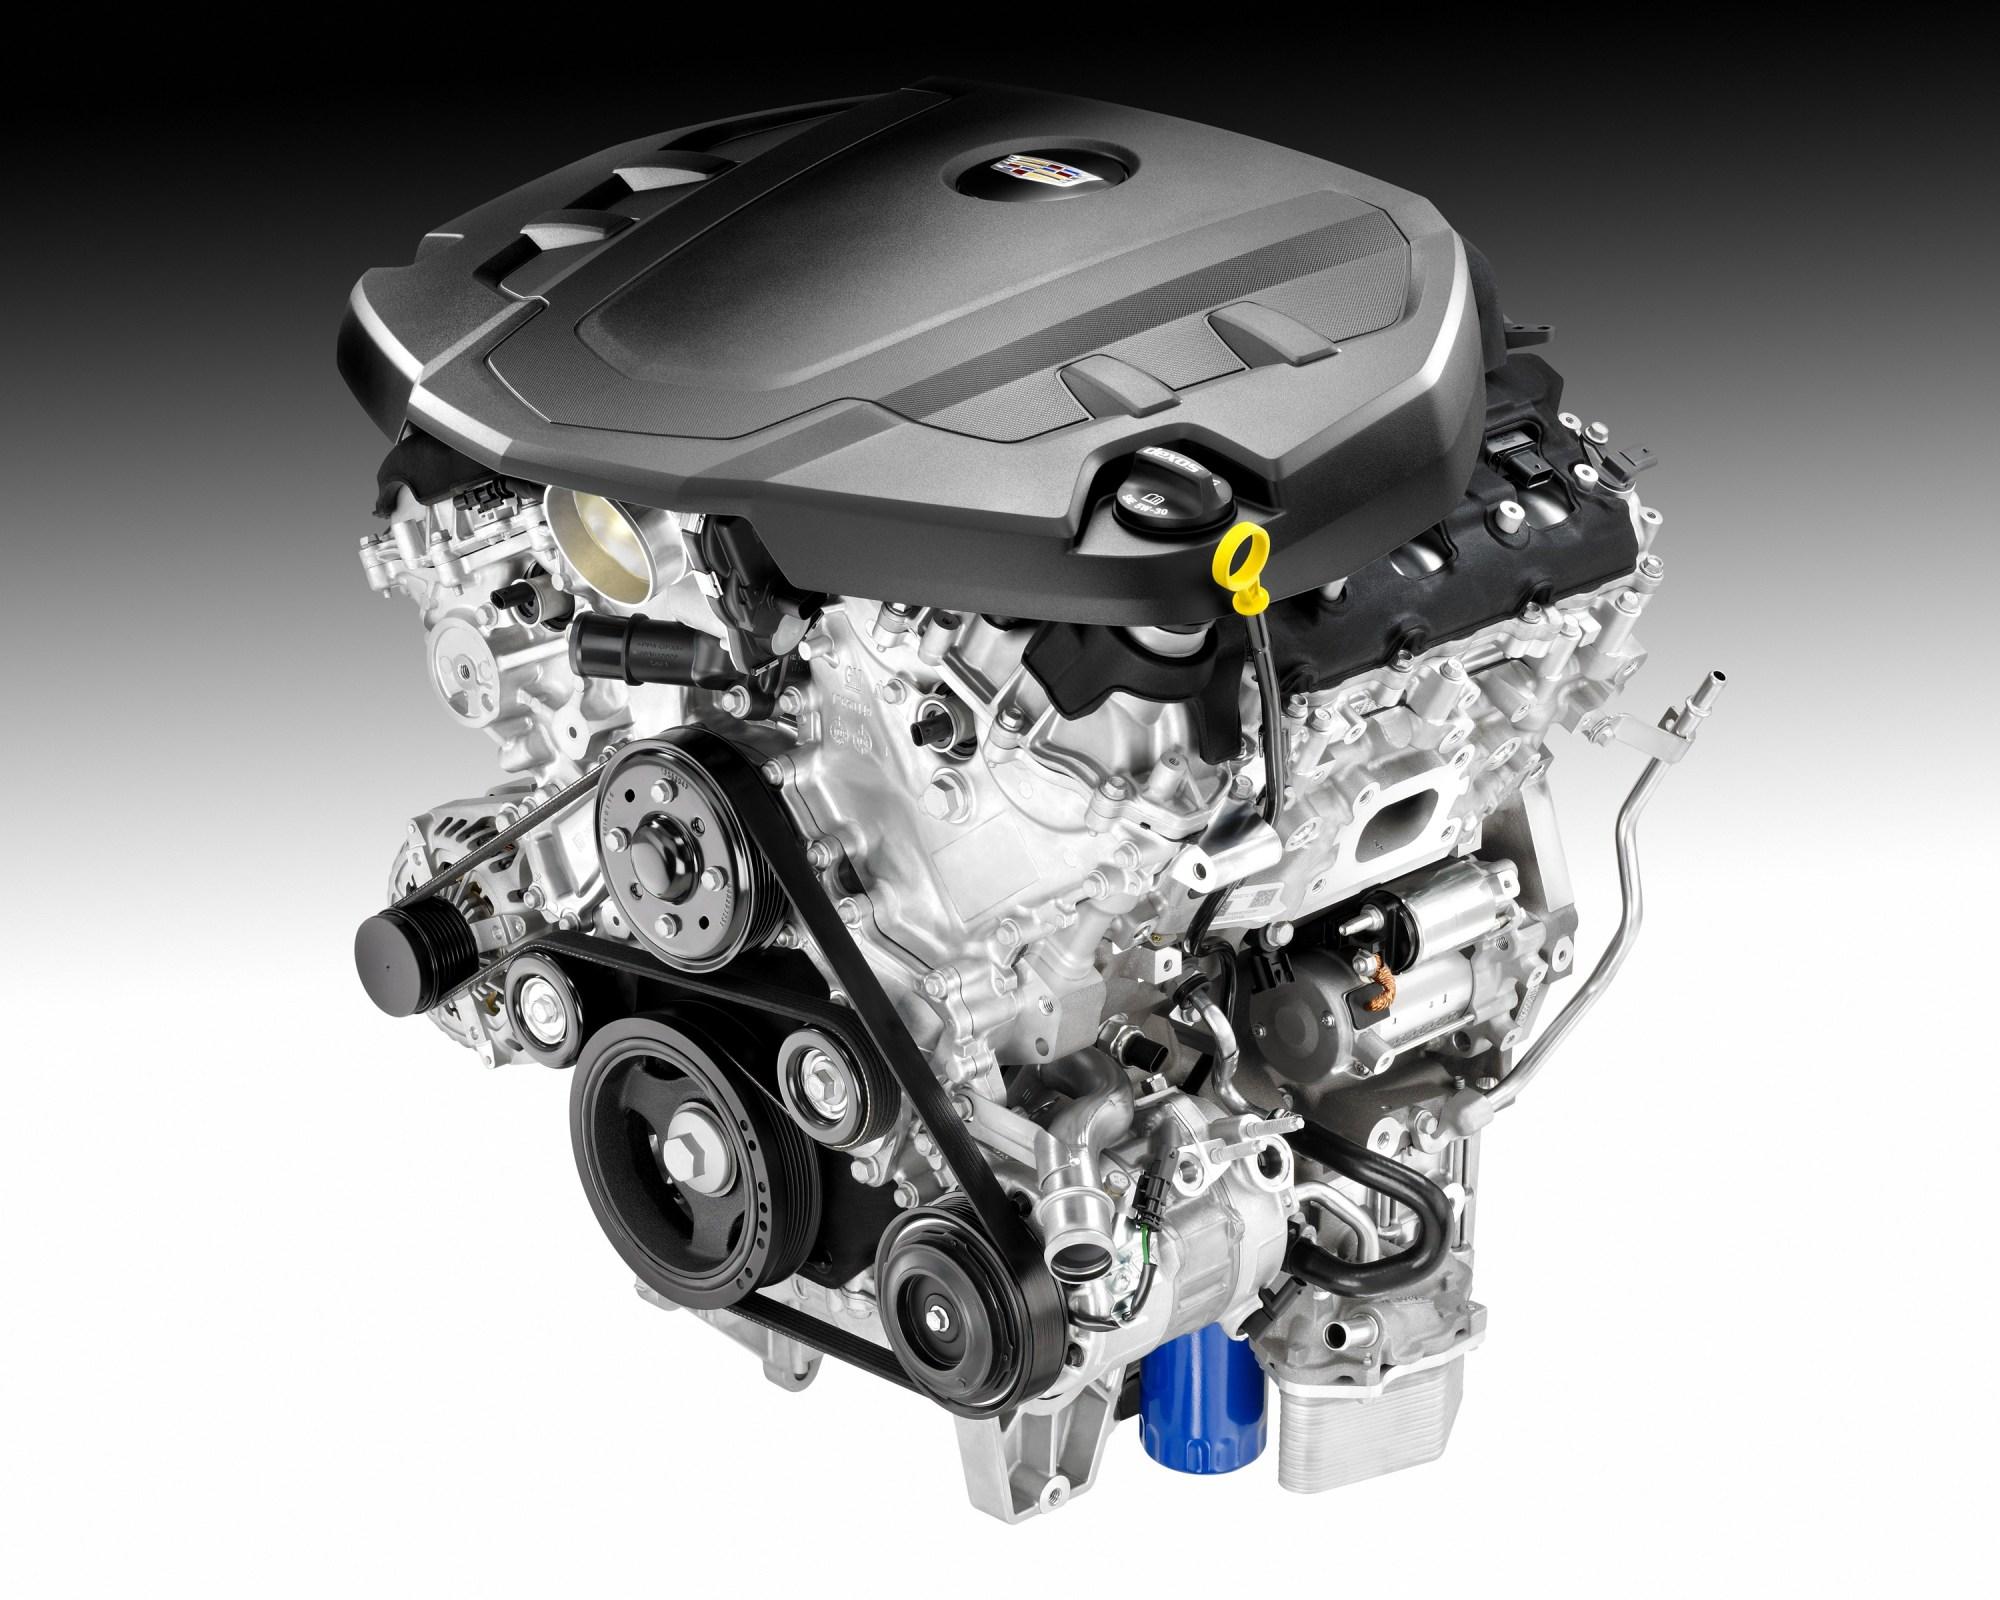 hight resolution of cadillac 3 6 v6 engine diagram 20 2 artatec automobile de u2022cadillac 3 6 v6